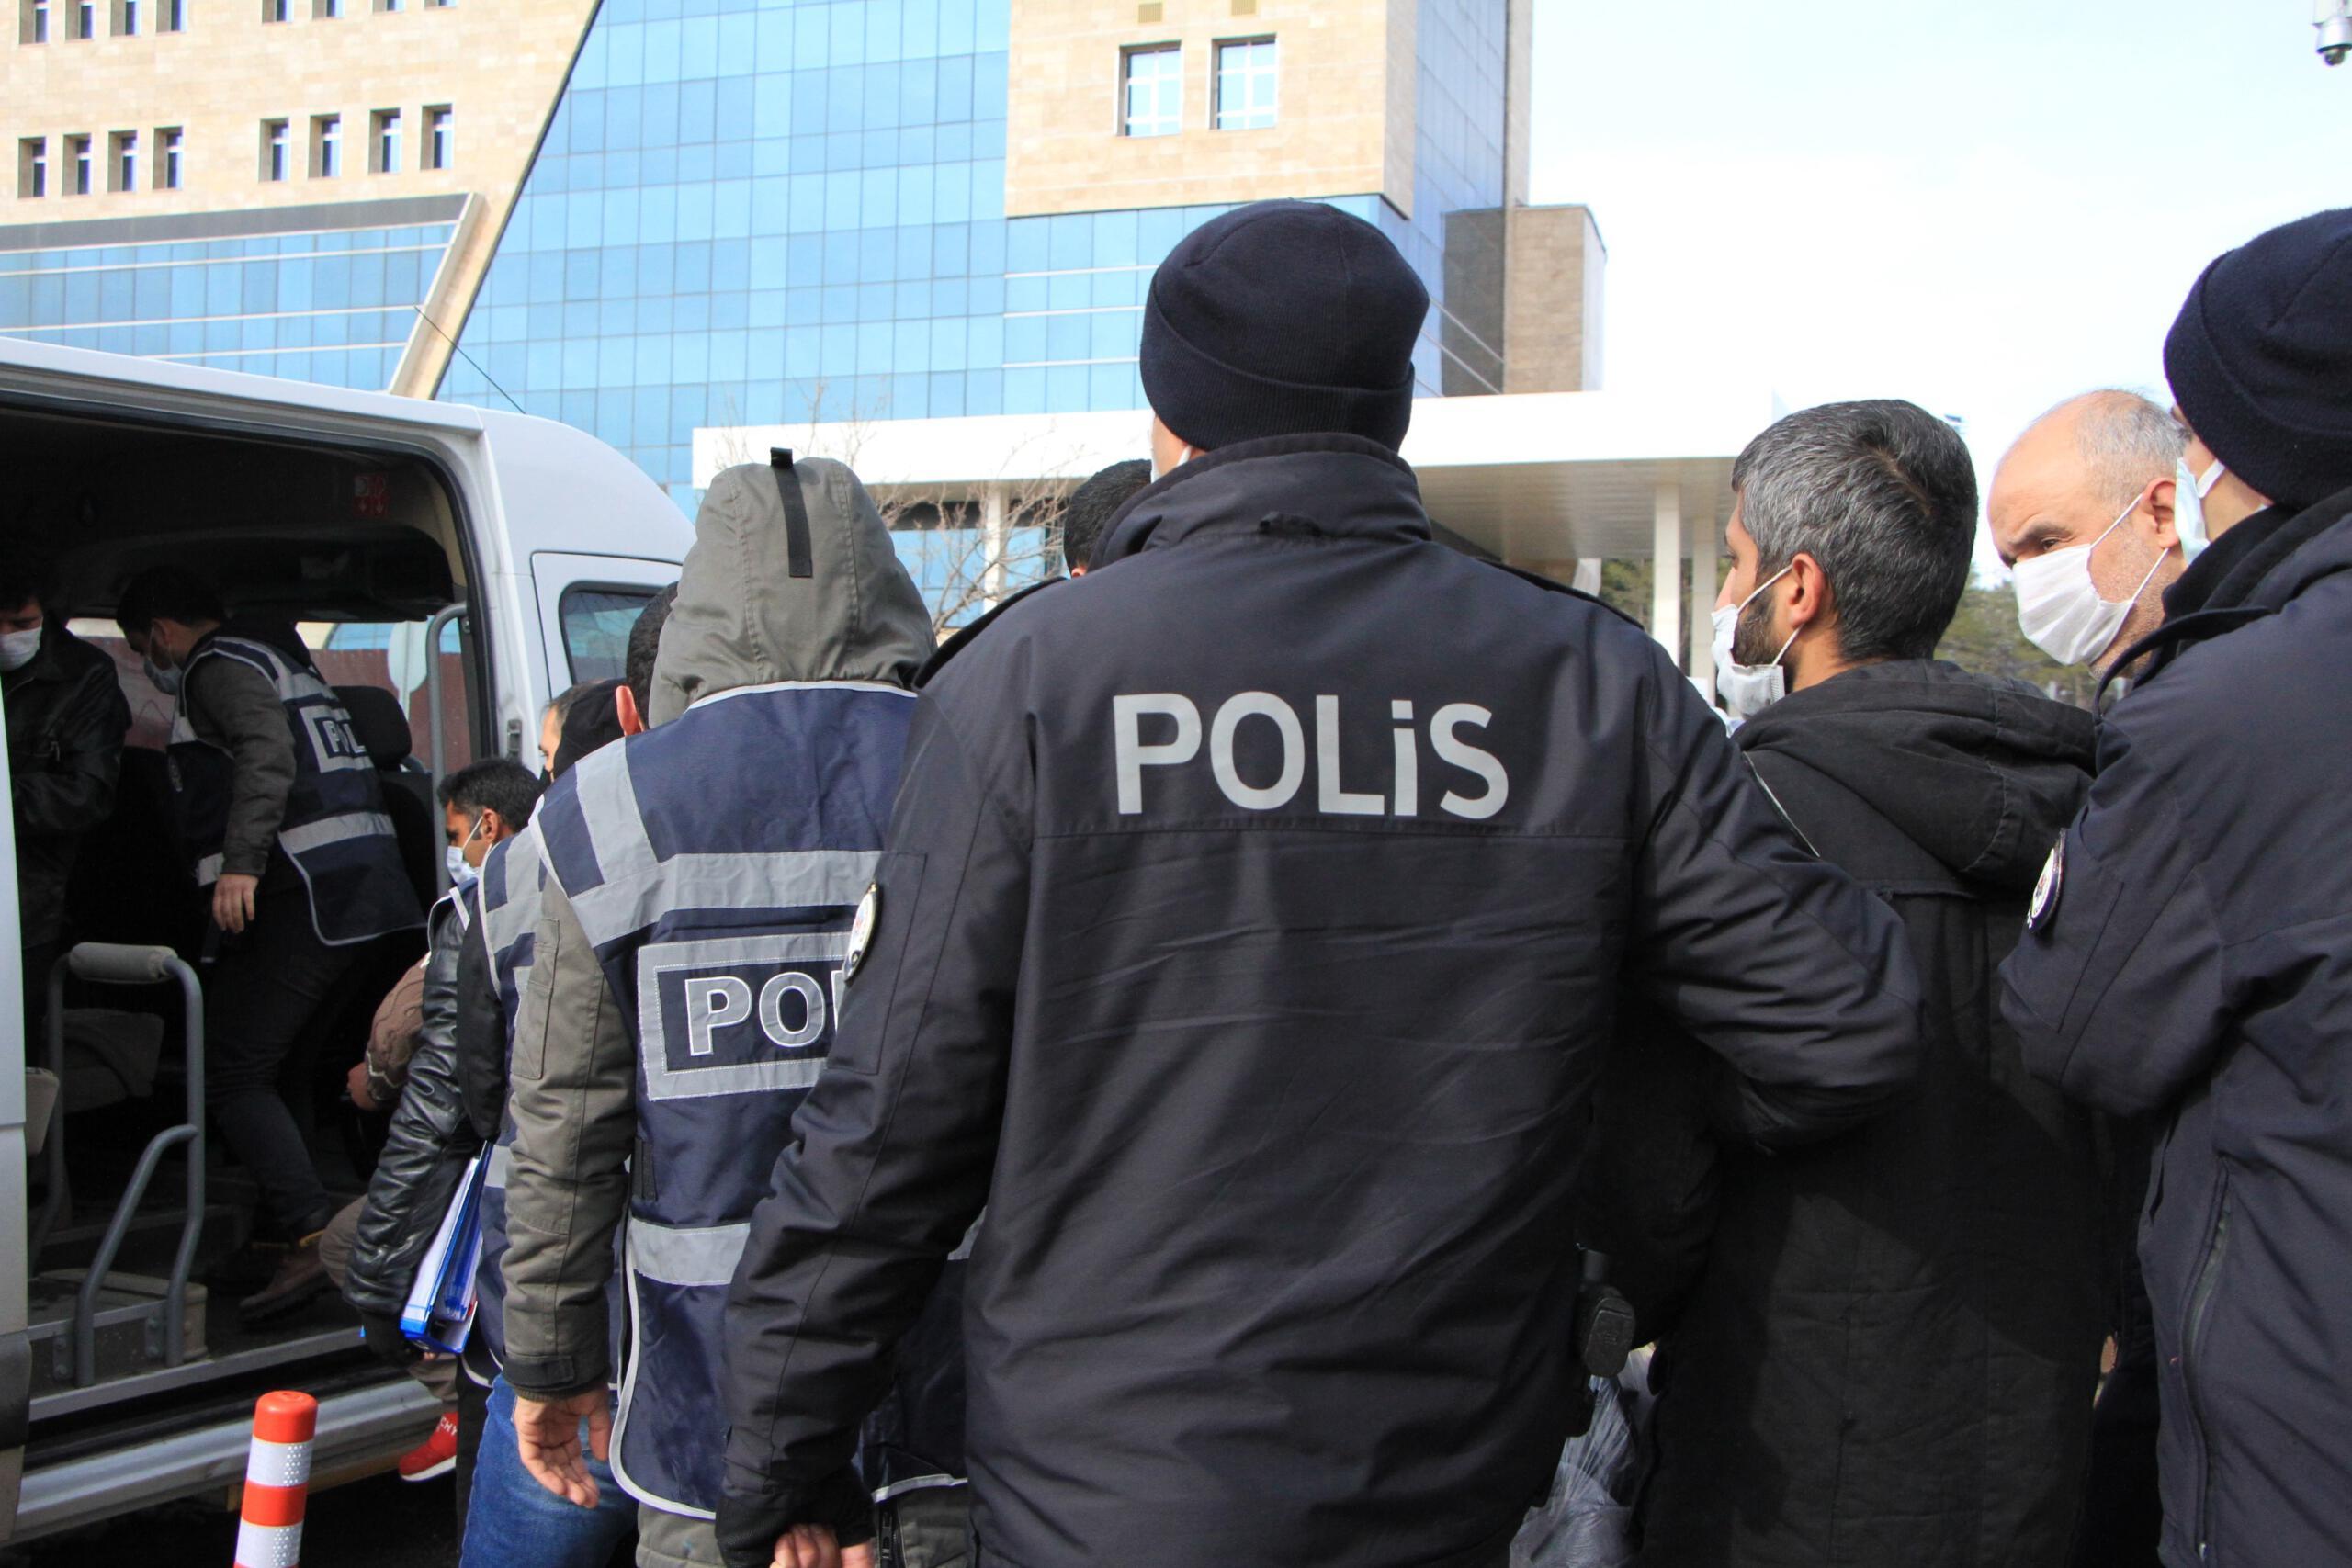 Çeşitli suçlardan aranan 7 şüpheli yakalanıp tutuklandı